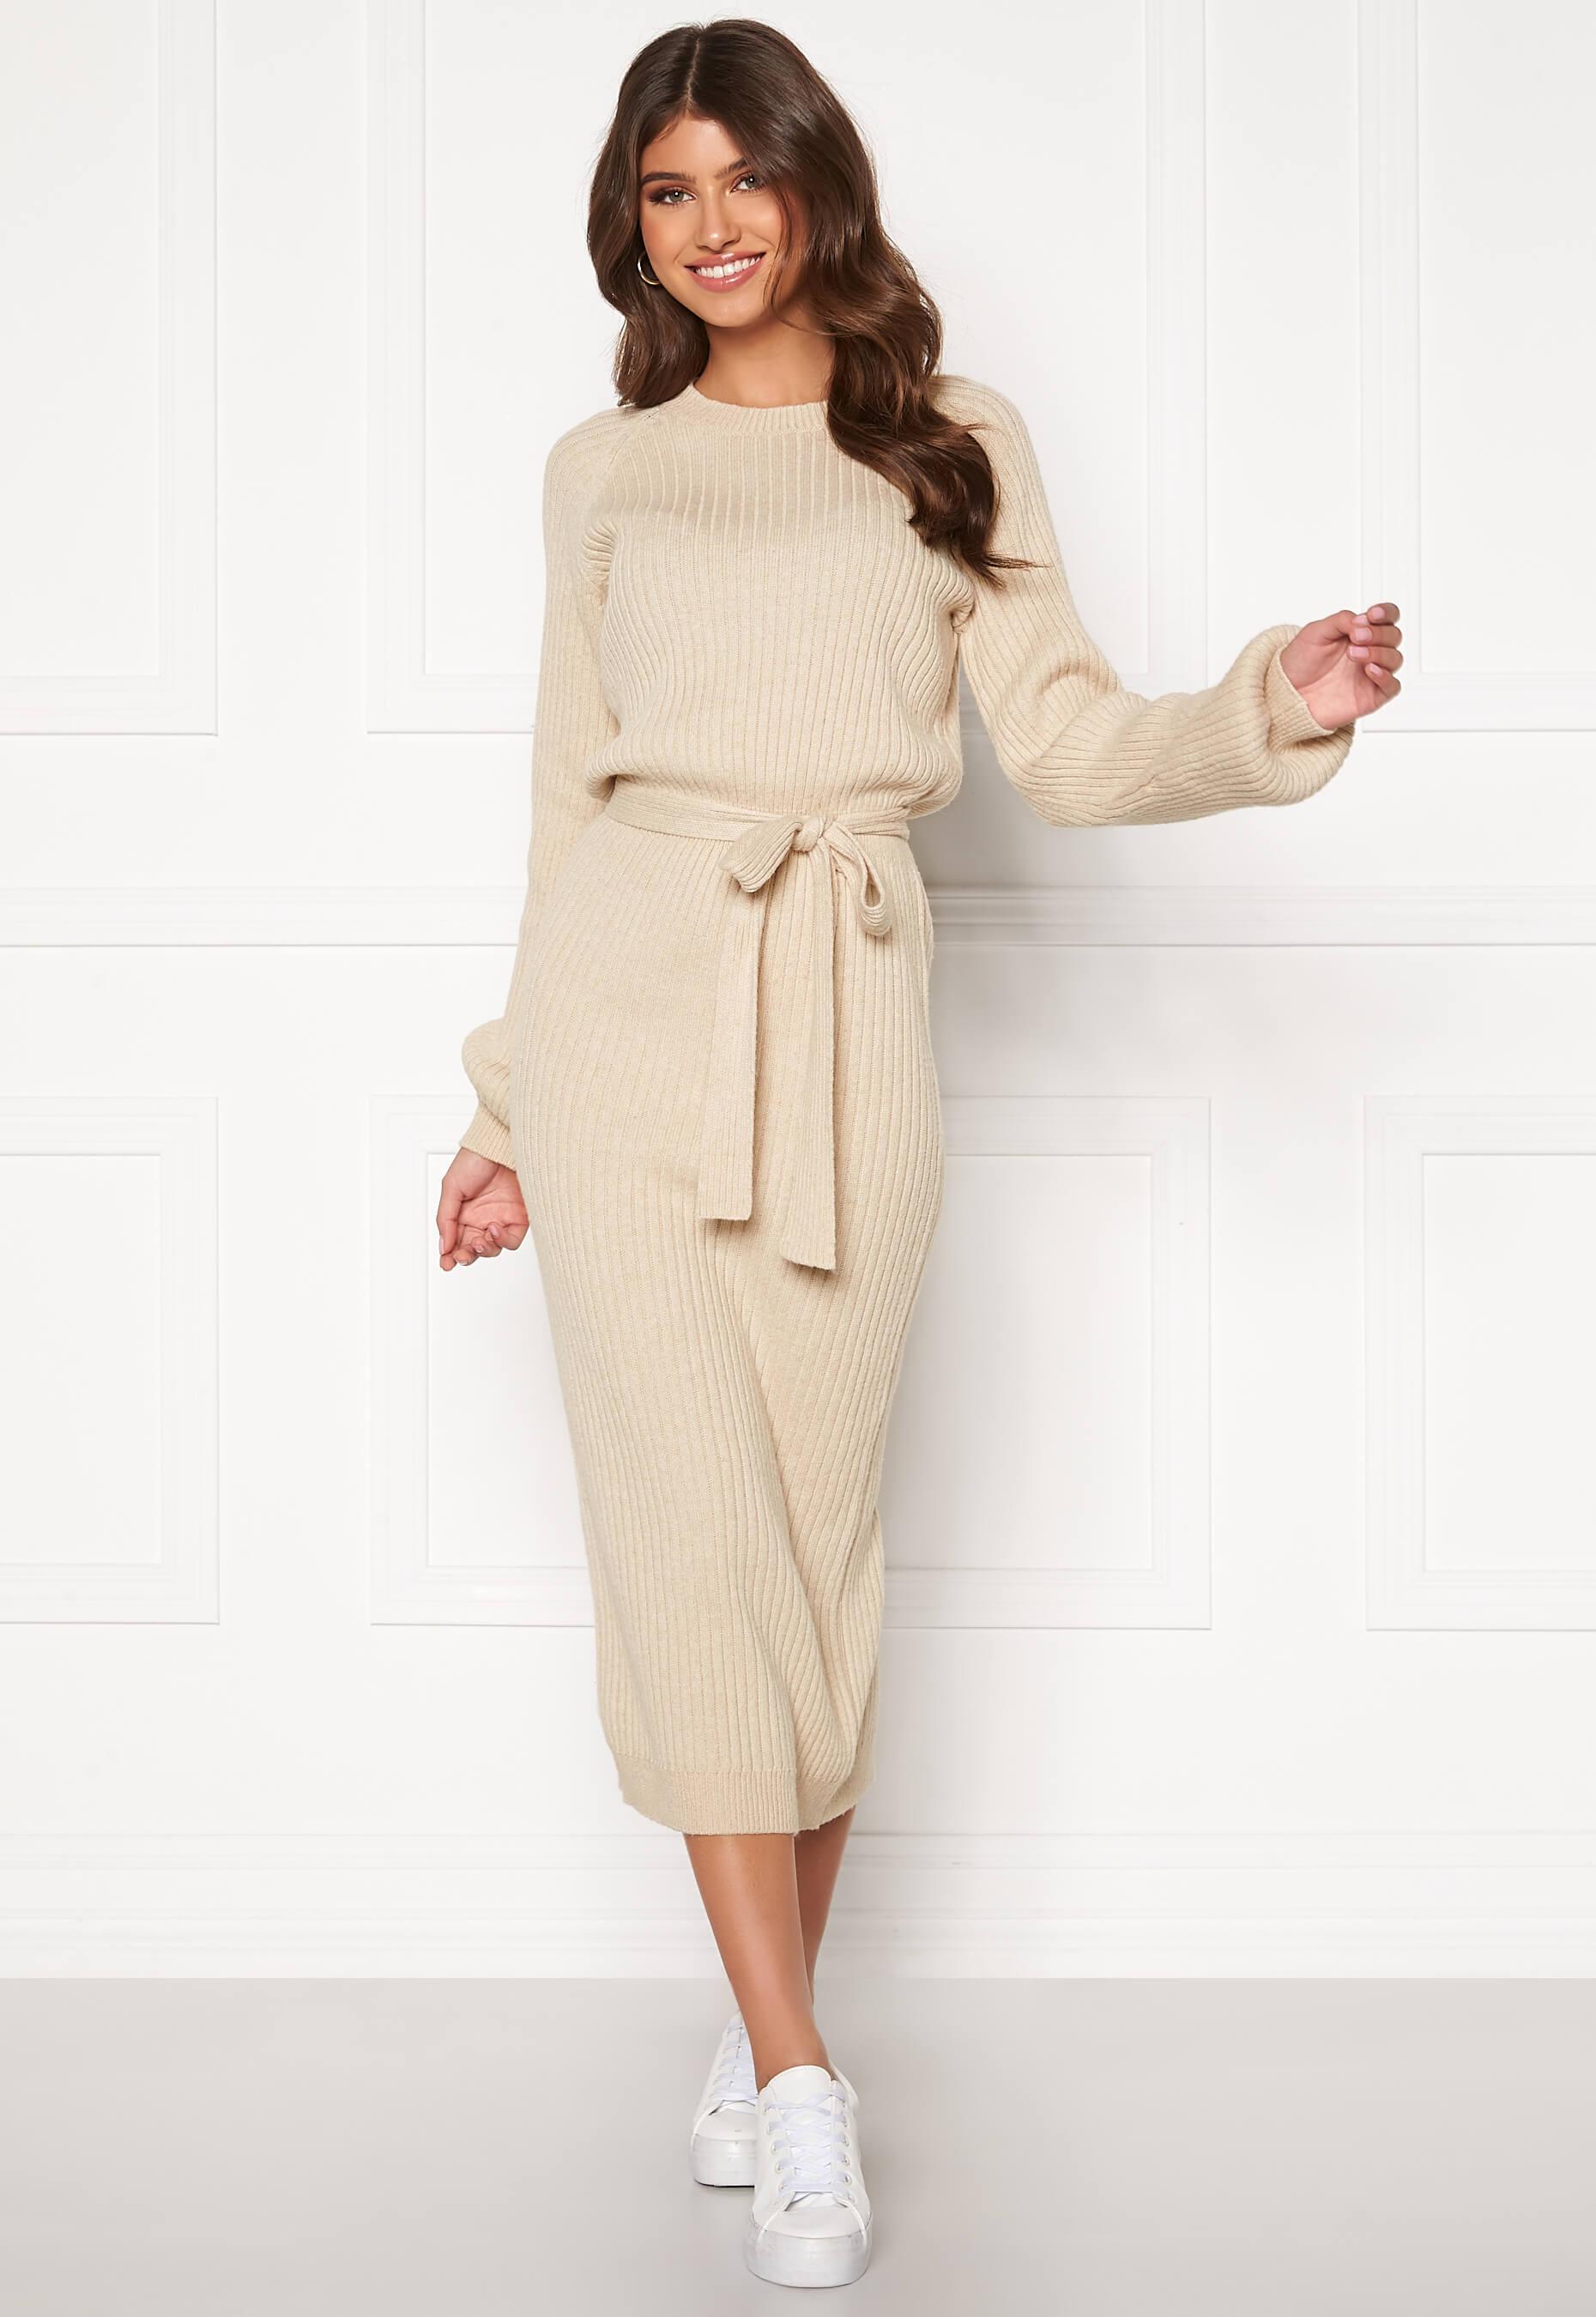 Lång beige ribbstickad klänning med knytband i midjan.